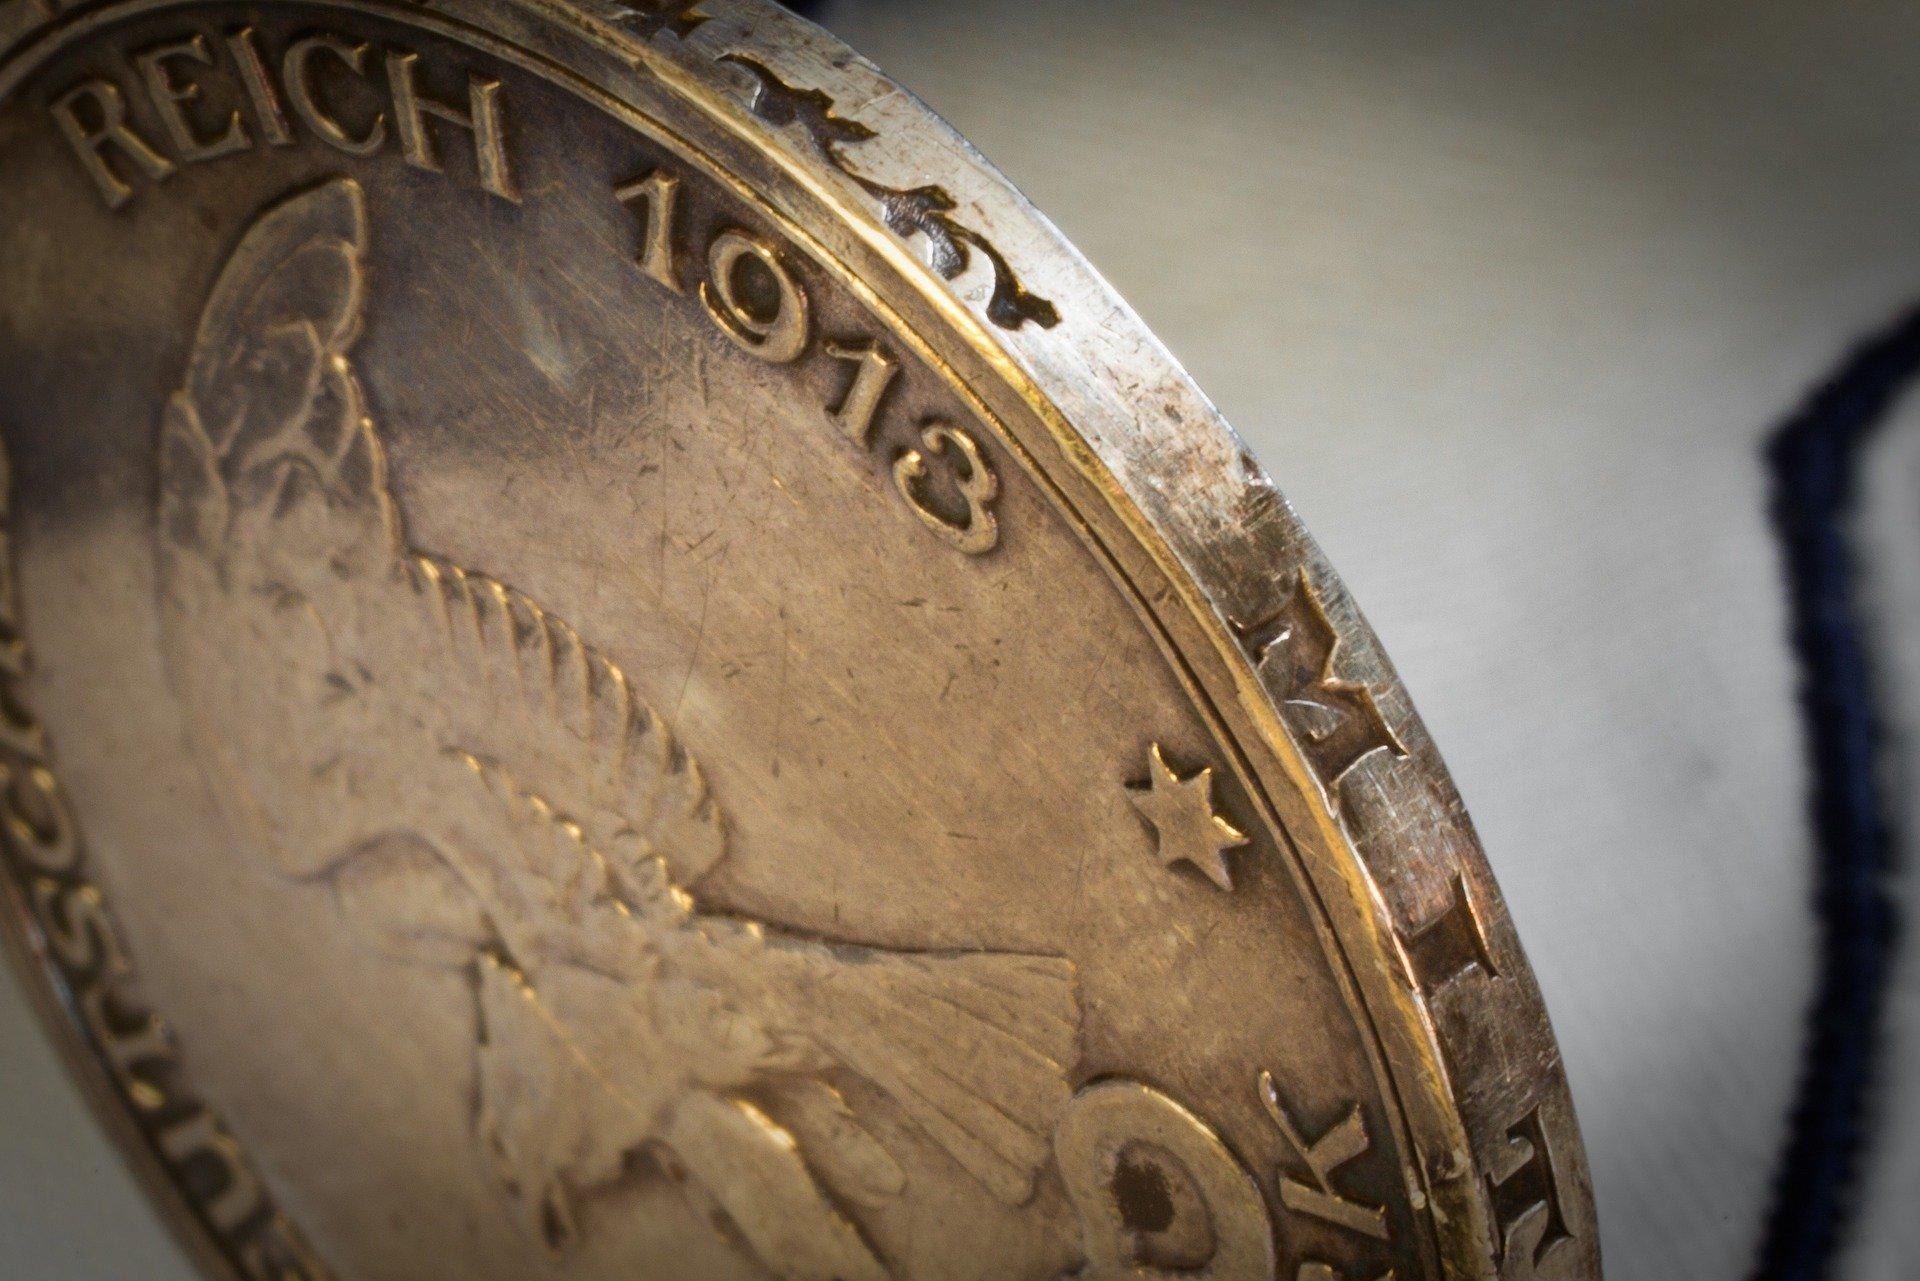 silver-coin-1404320_1920